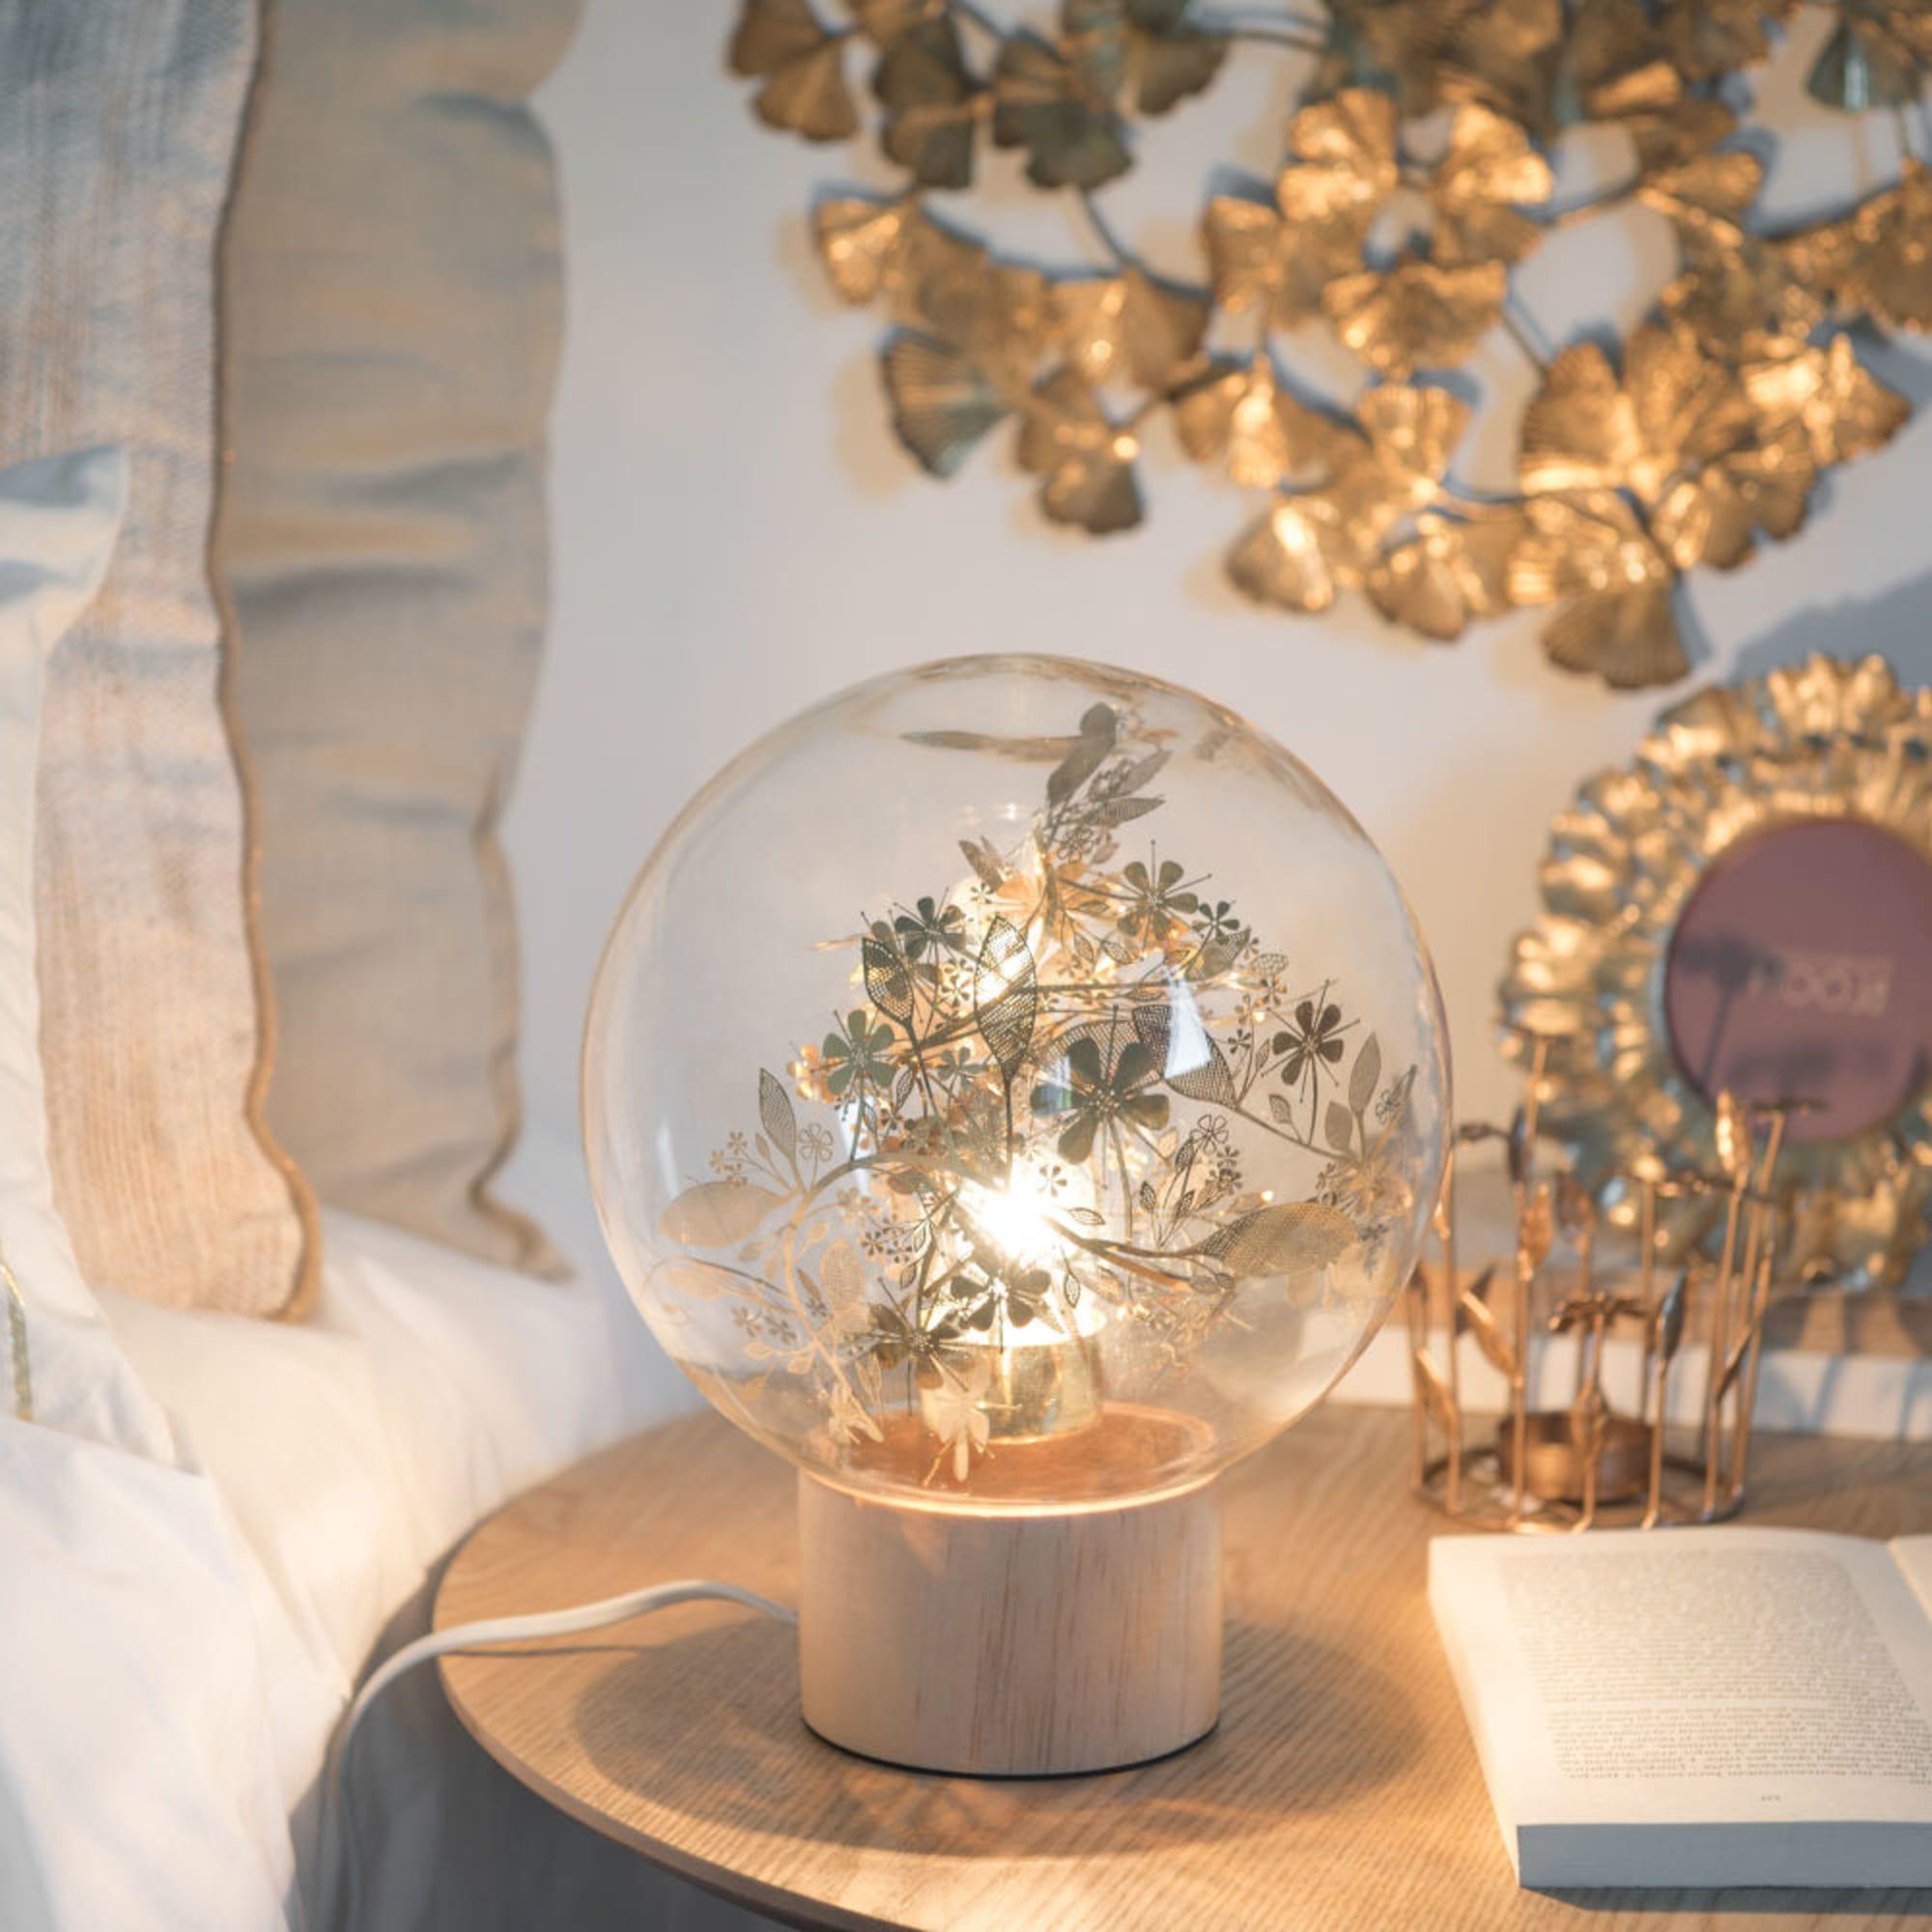 Luminaire Maison du monde - Lampe boule en verre imprimé feuilles et pin